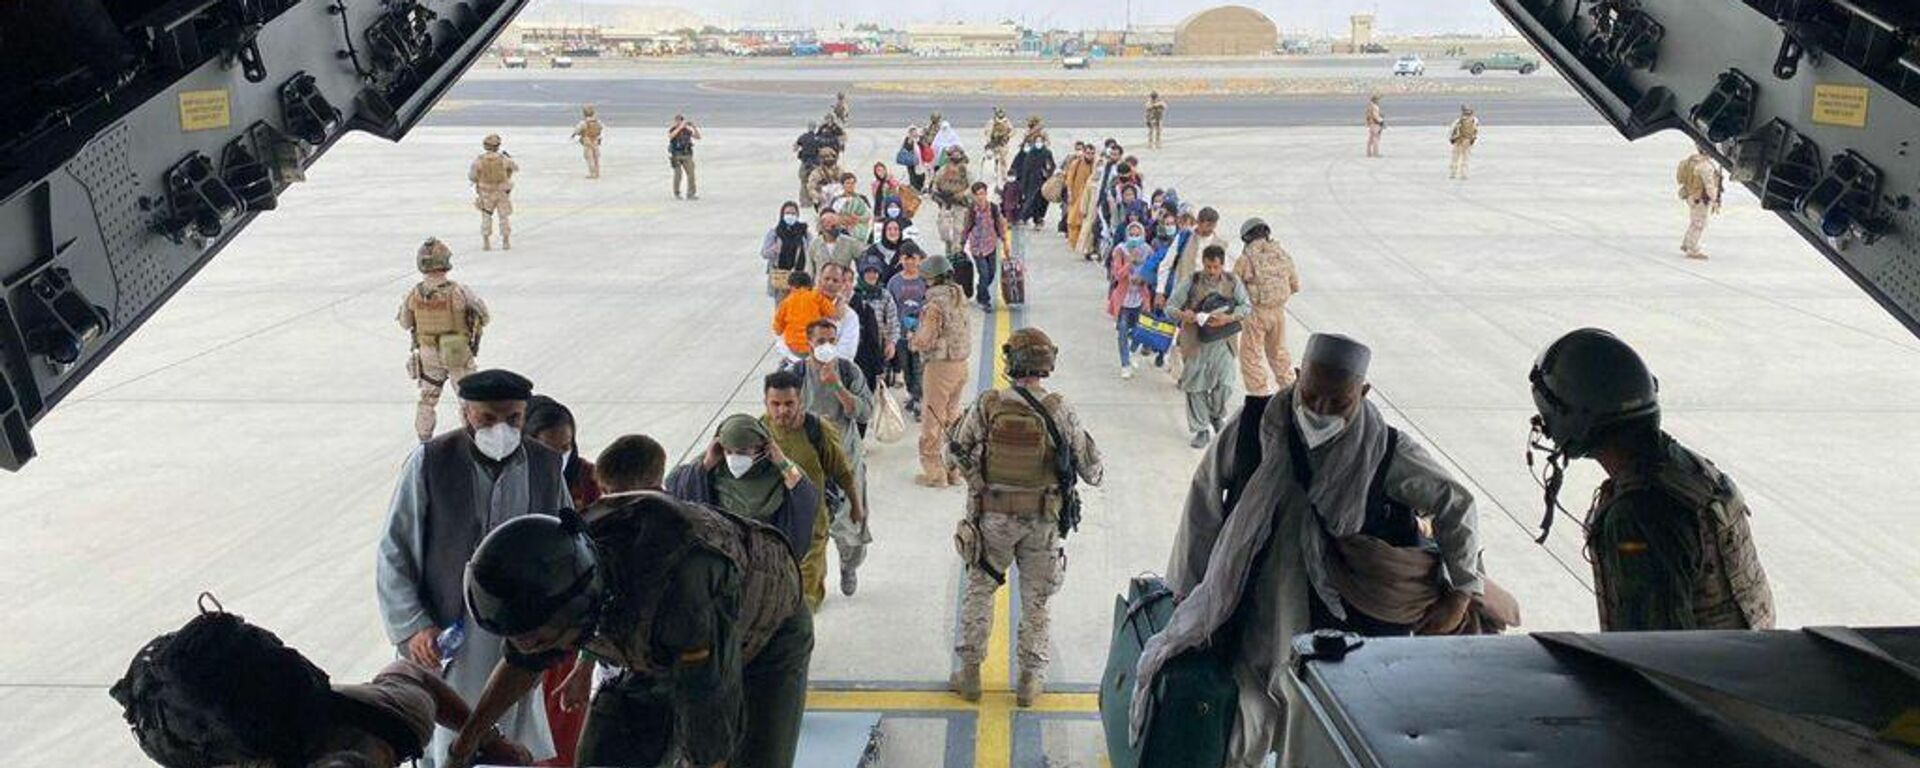 Embarque de evacuados afganos y personal diplomático español en Kabul - Sputnik Mundo, 1920, 19.08.2021